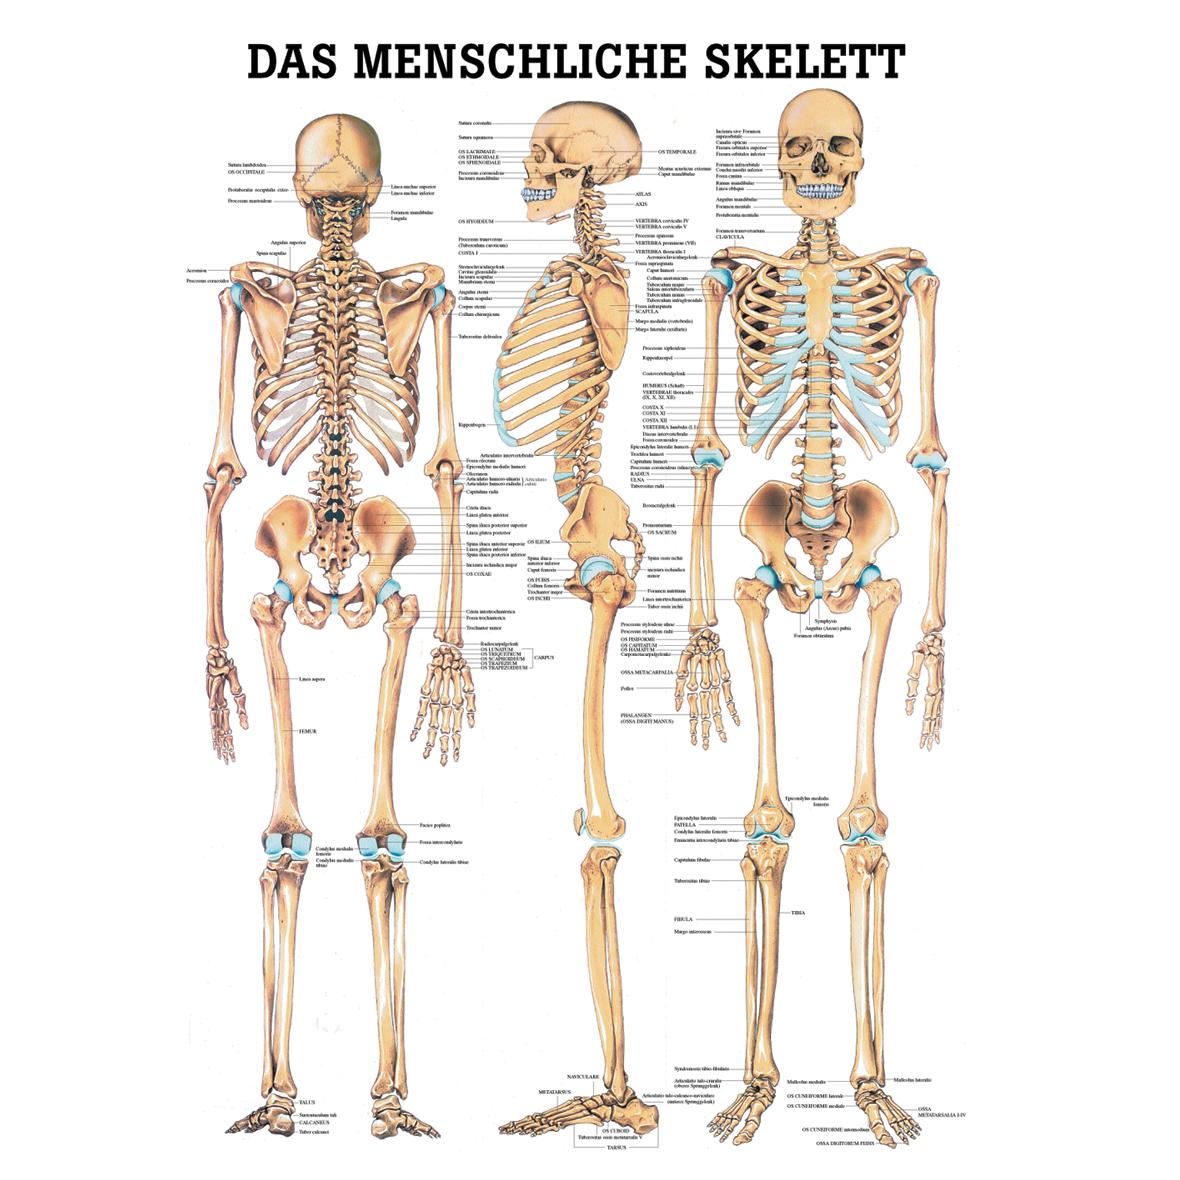 Groß Bilder Von Menschlichem Skelett Für Kinder Galerie ...